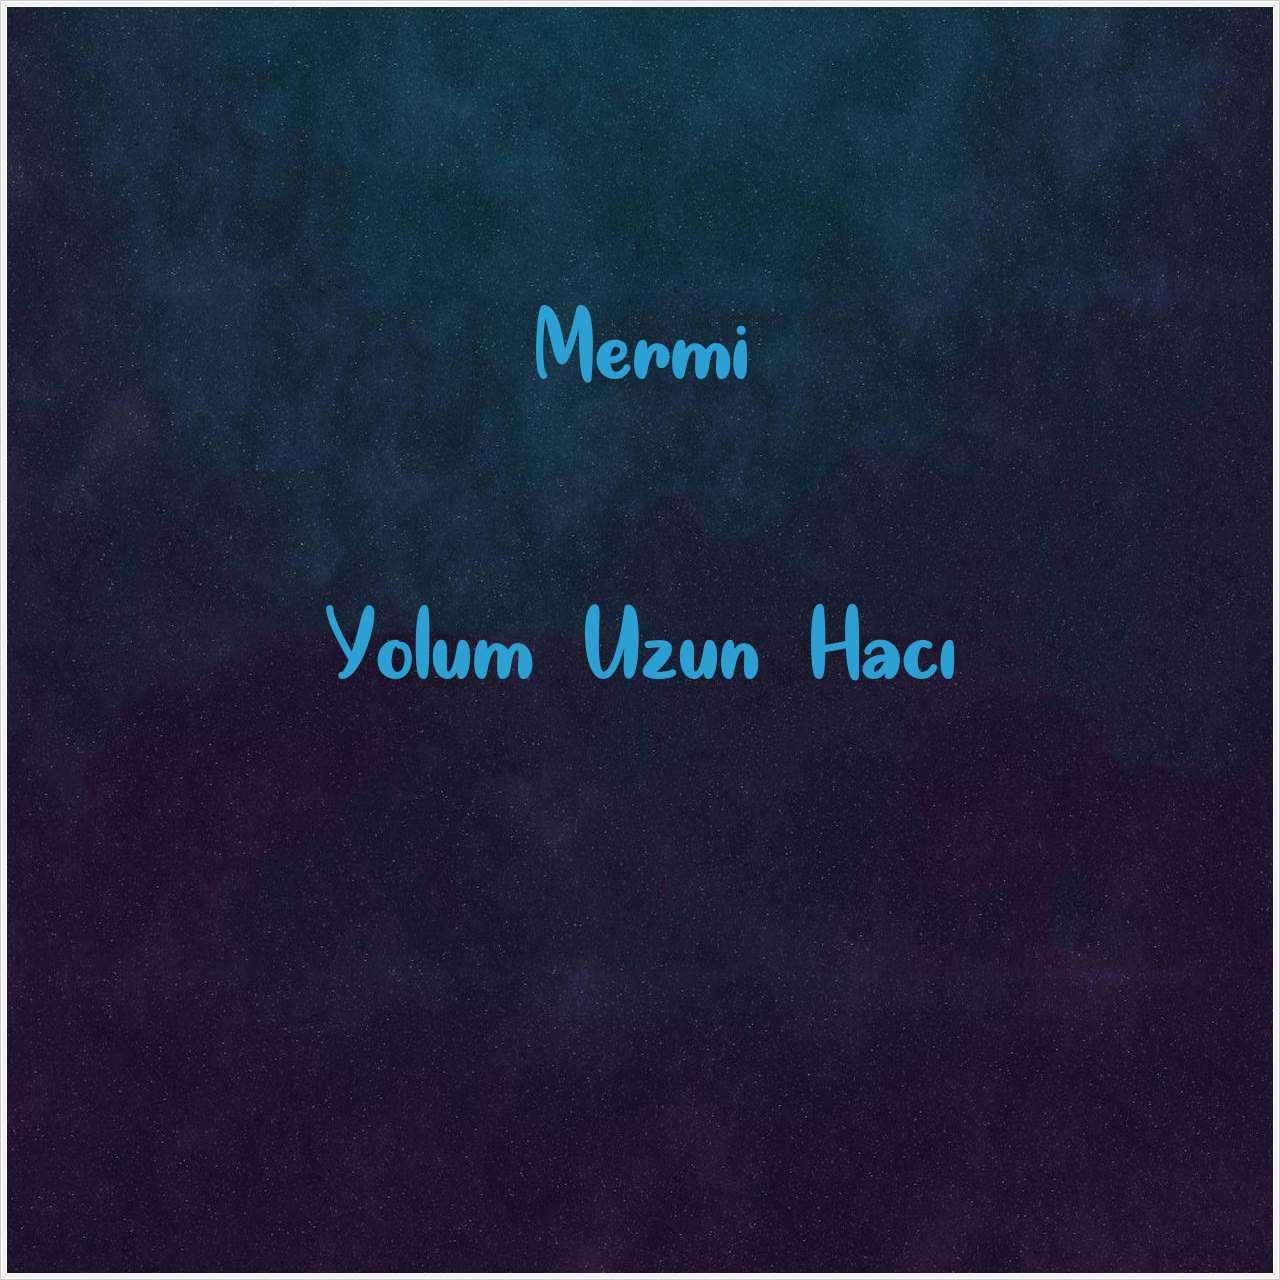 دانلود آهنگ جدید Mermi به نام Yolum Uzun Hacı